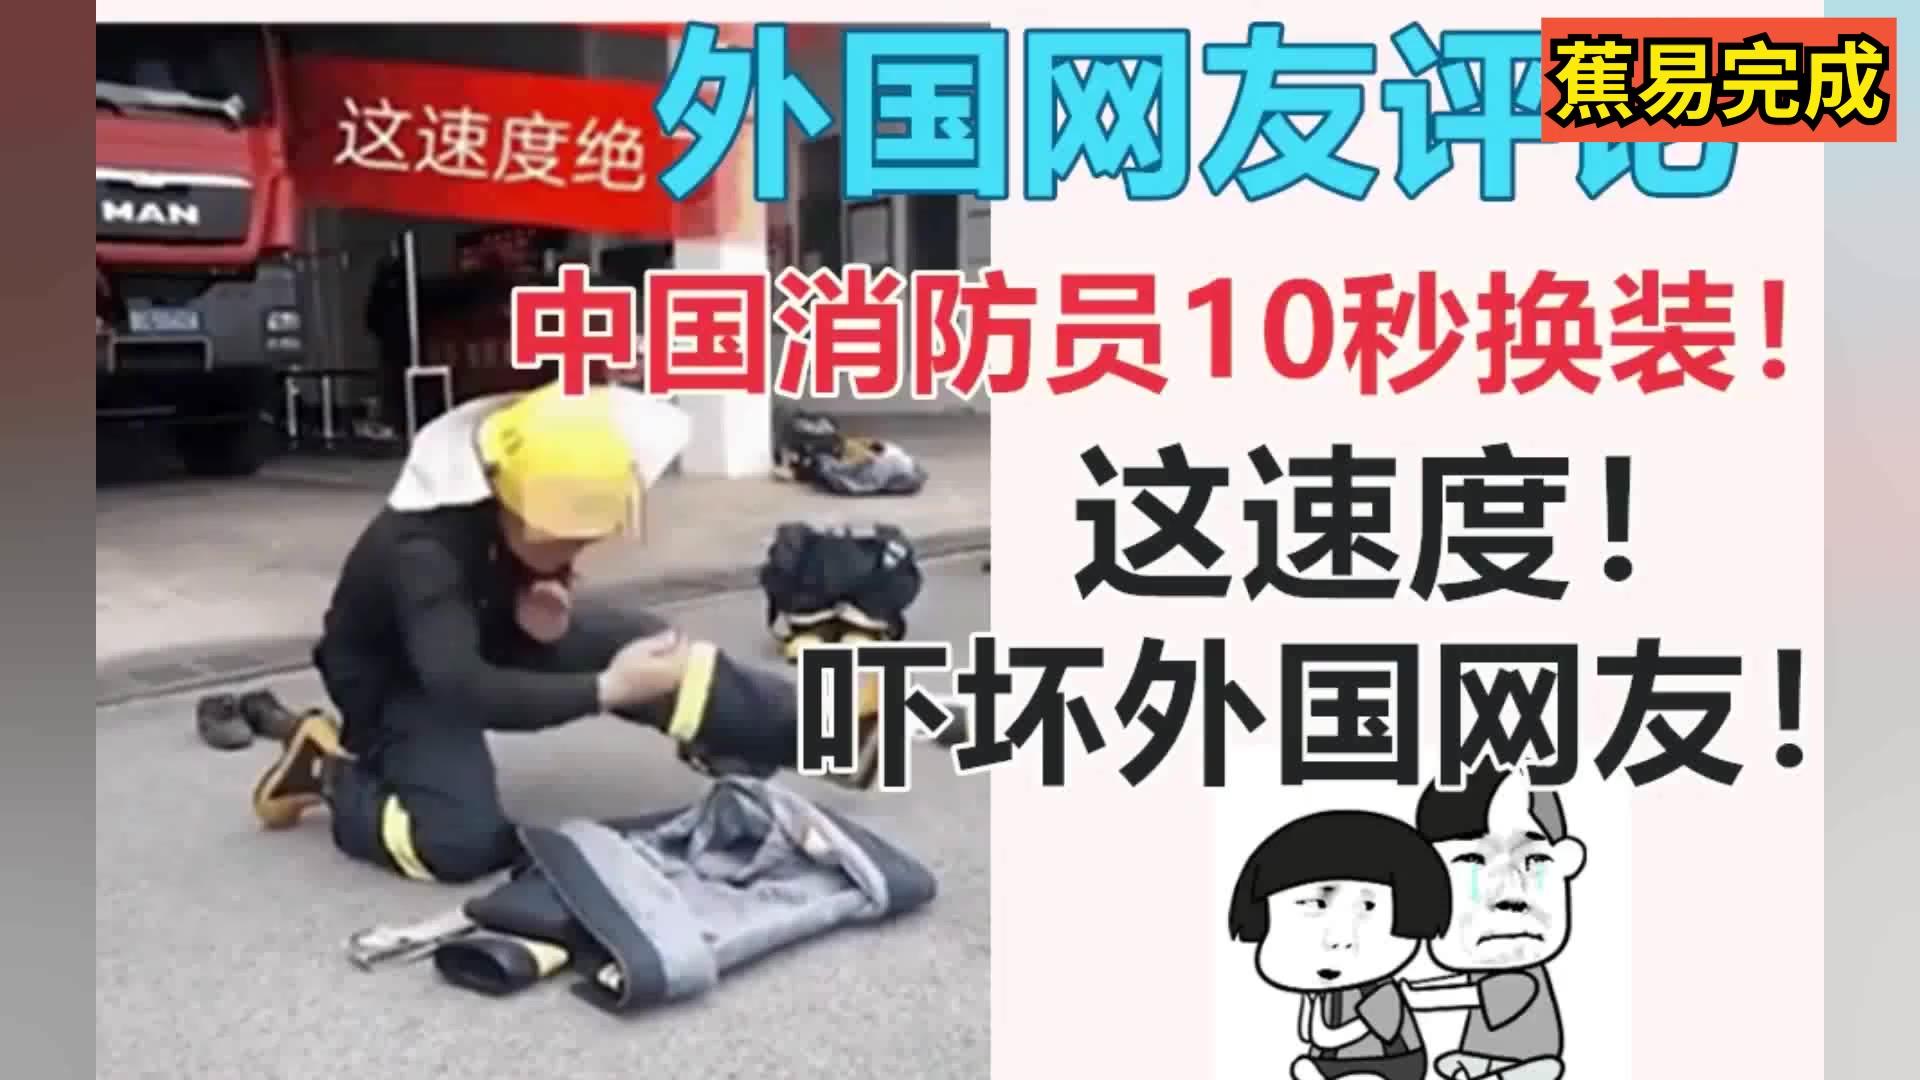 外国网友评论,中国消防员10秒换装!这速度,吓坏外国网友!